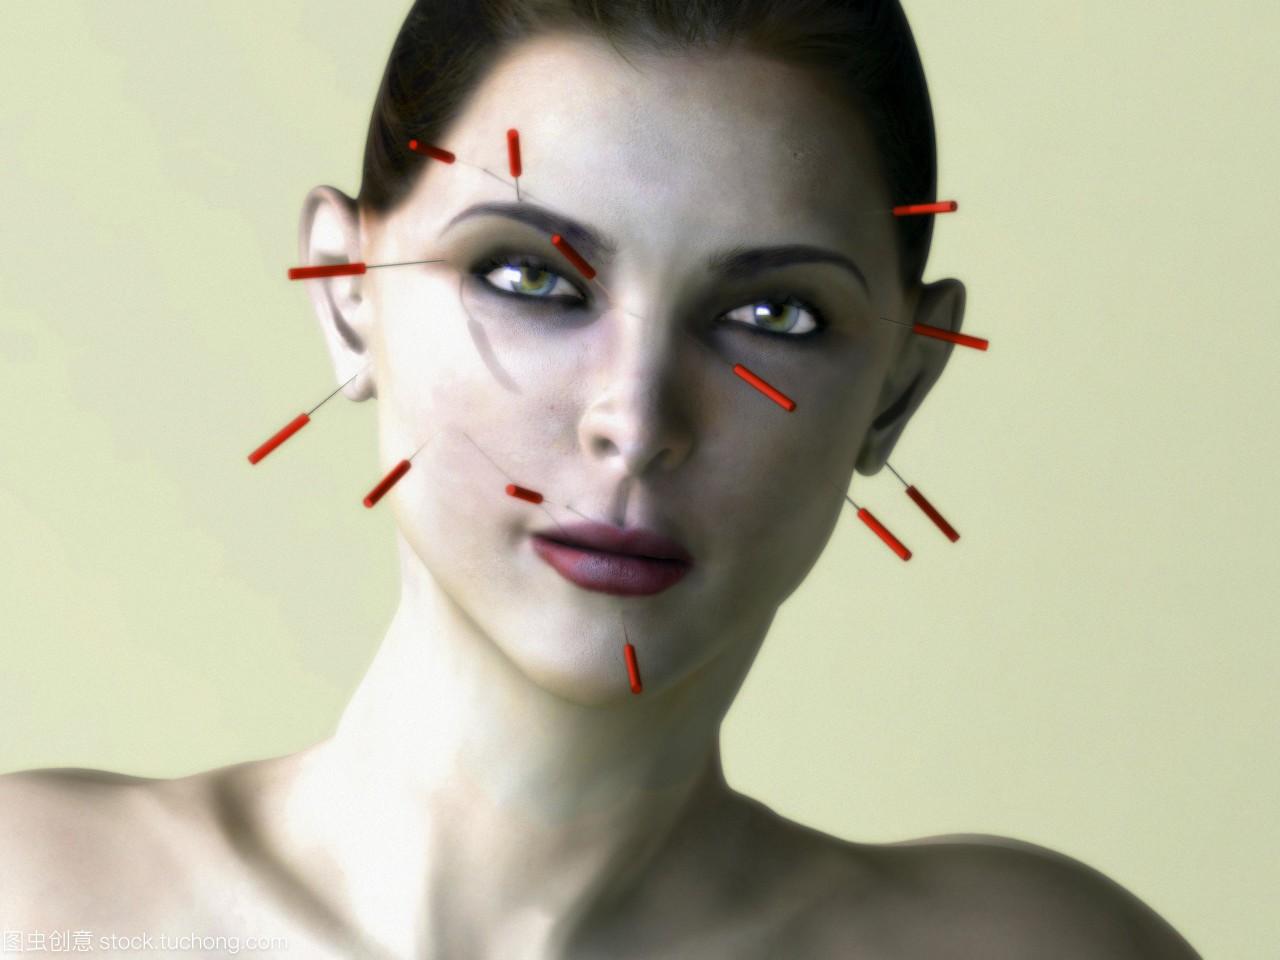 女人。电脑v女人的美女针在一个针灸的脸。这个被娜美爆衣的针灸图片